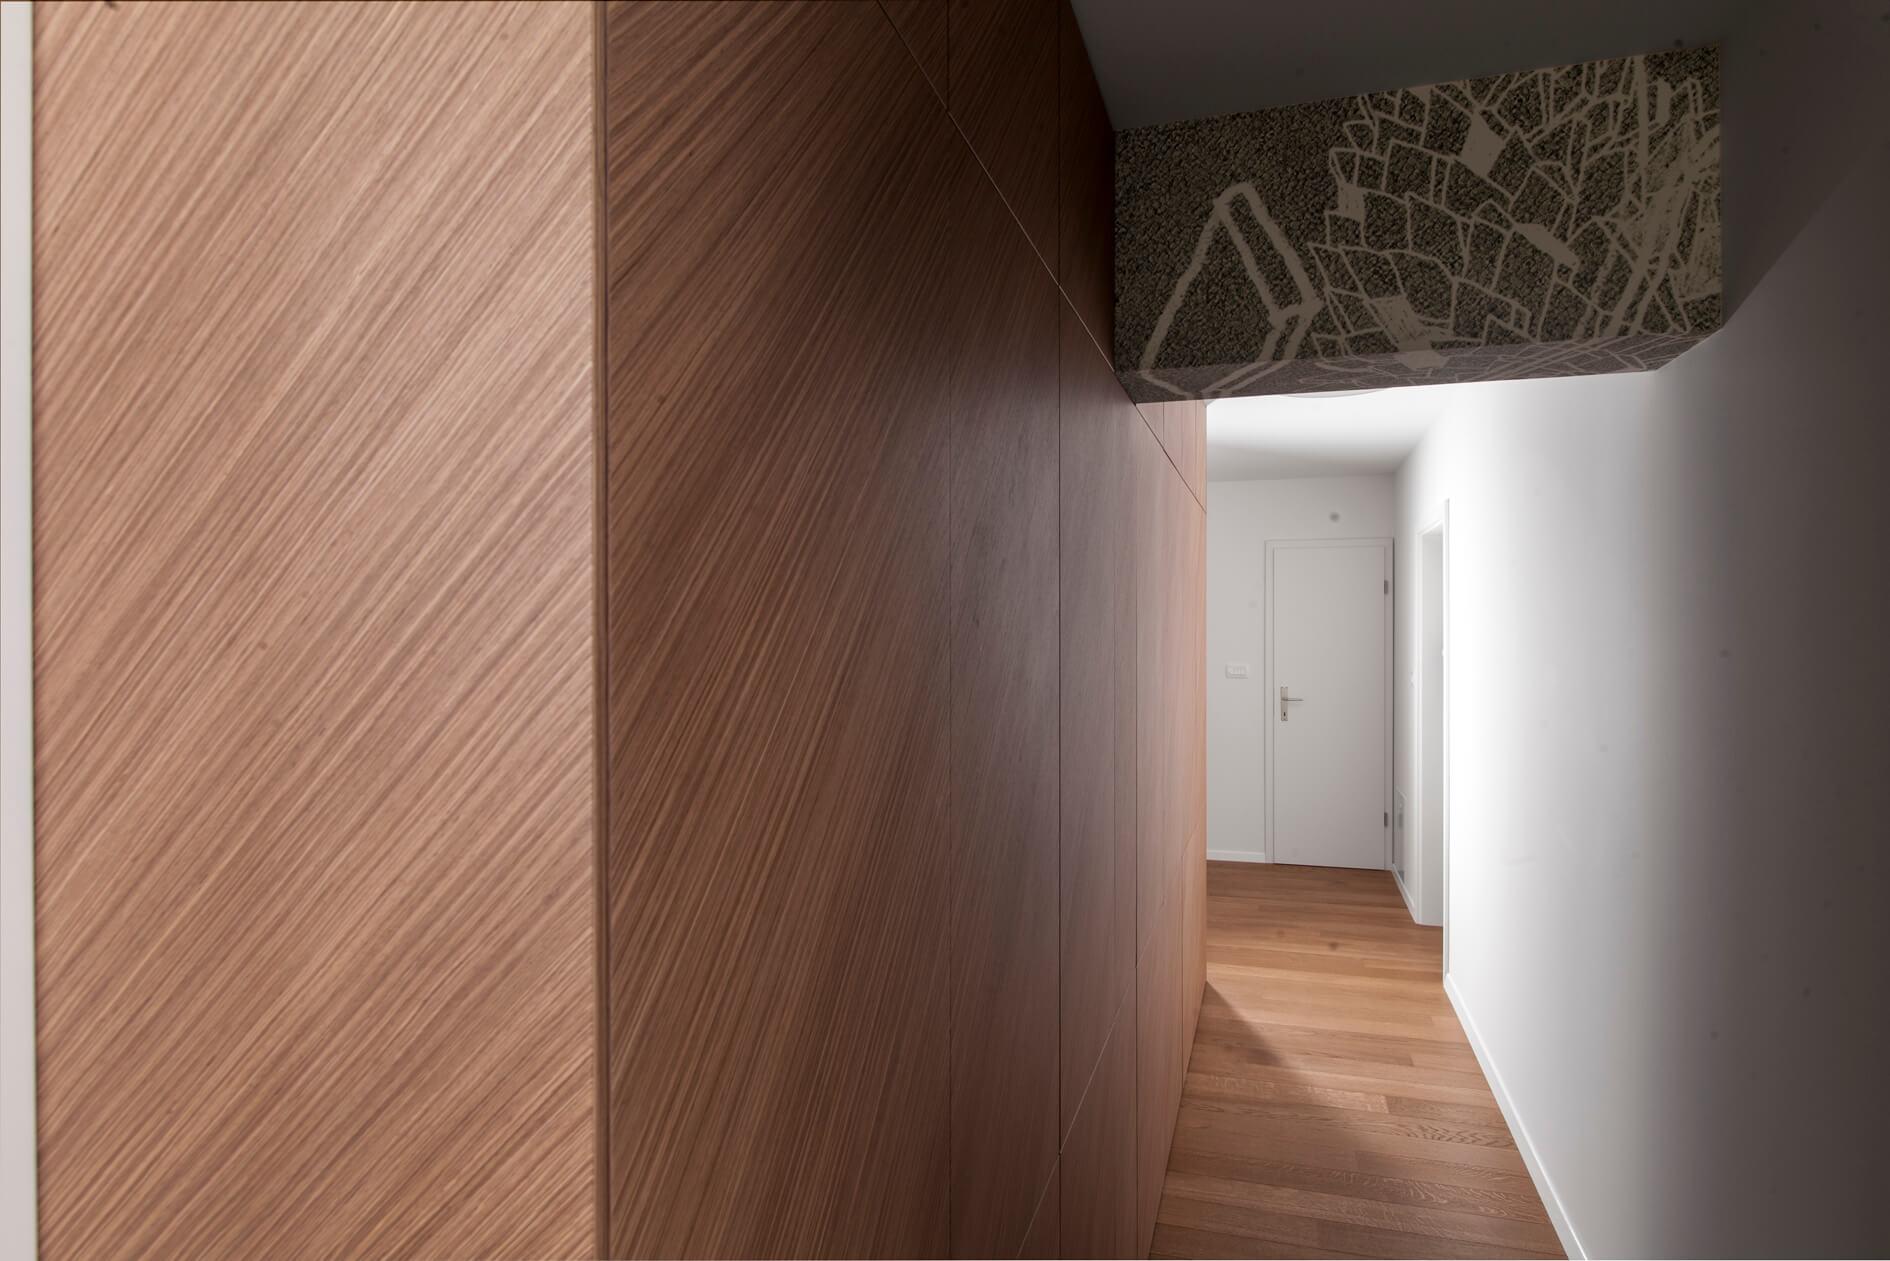 furnirana hrastova vgradna omara predsoba po meri